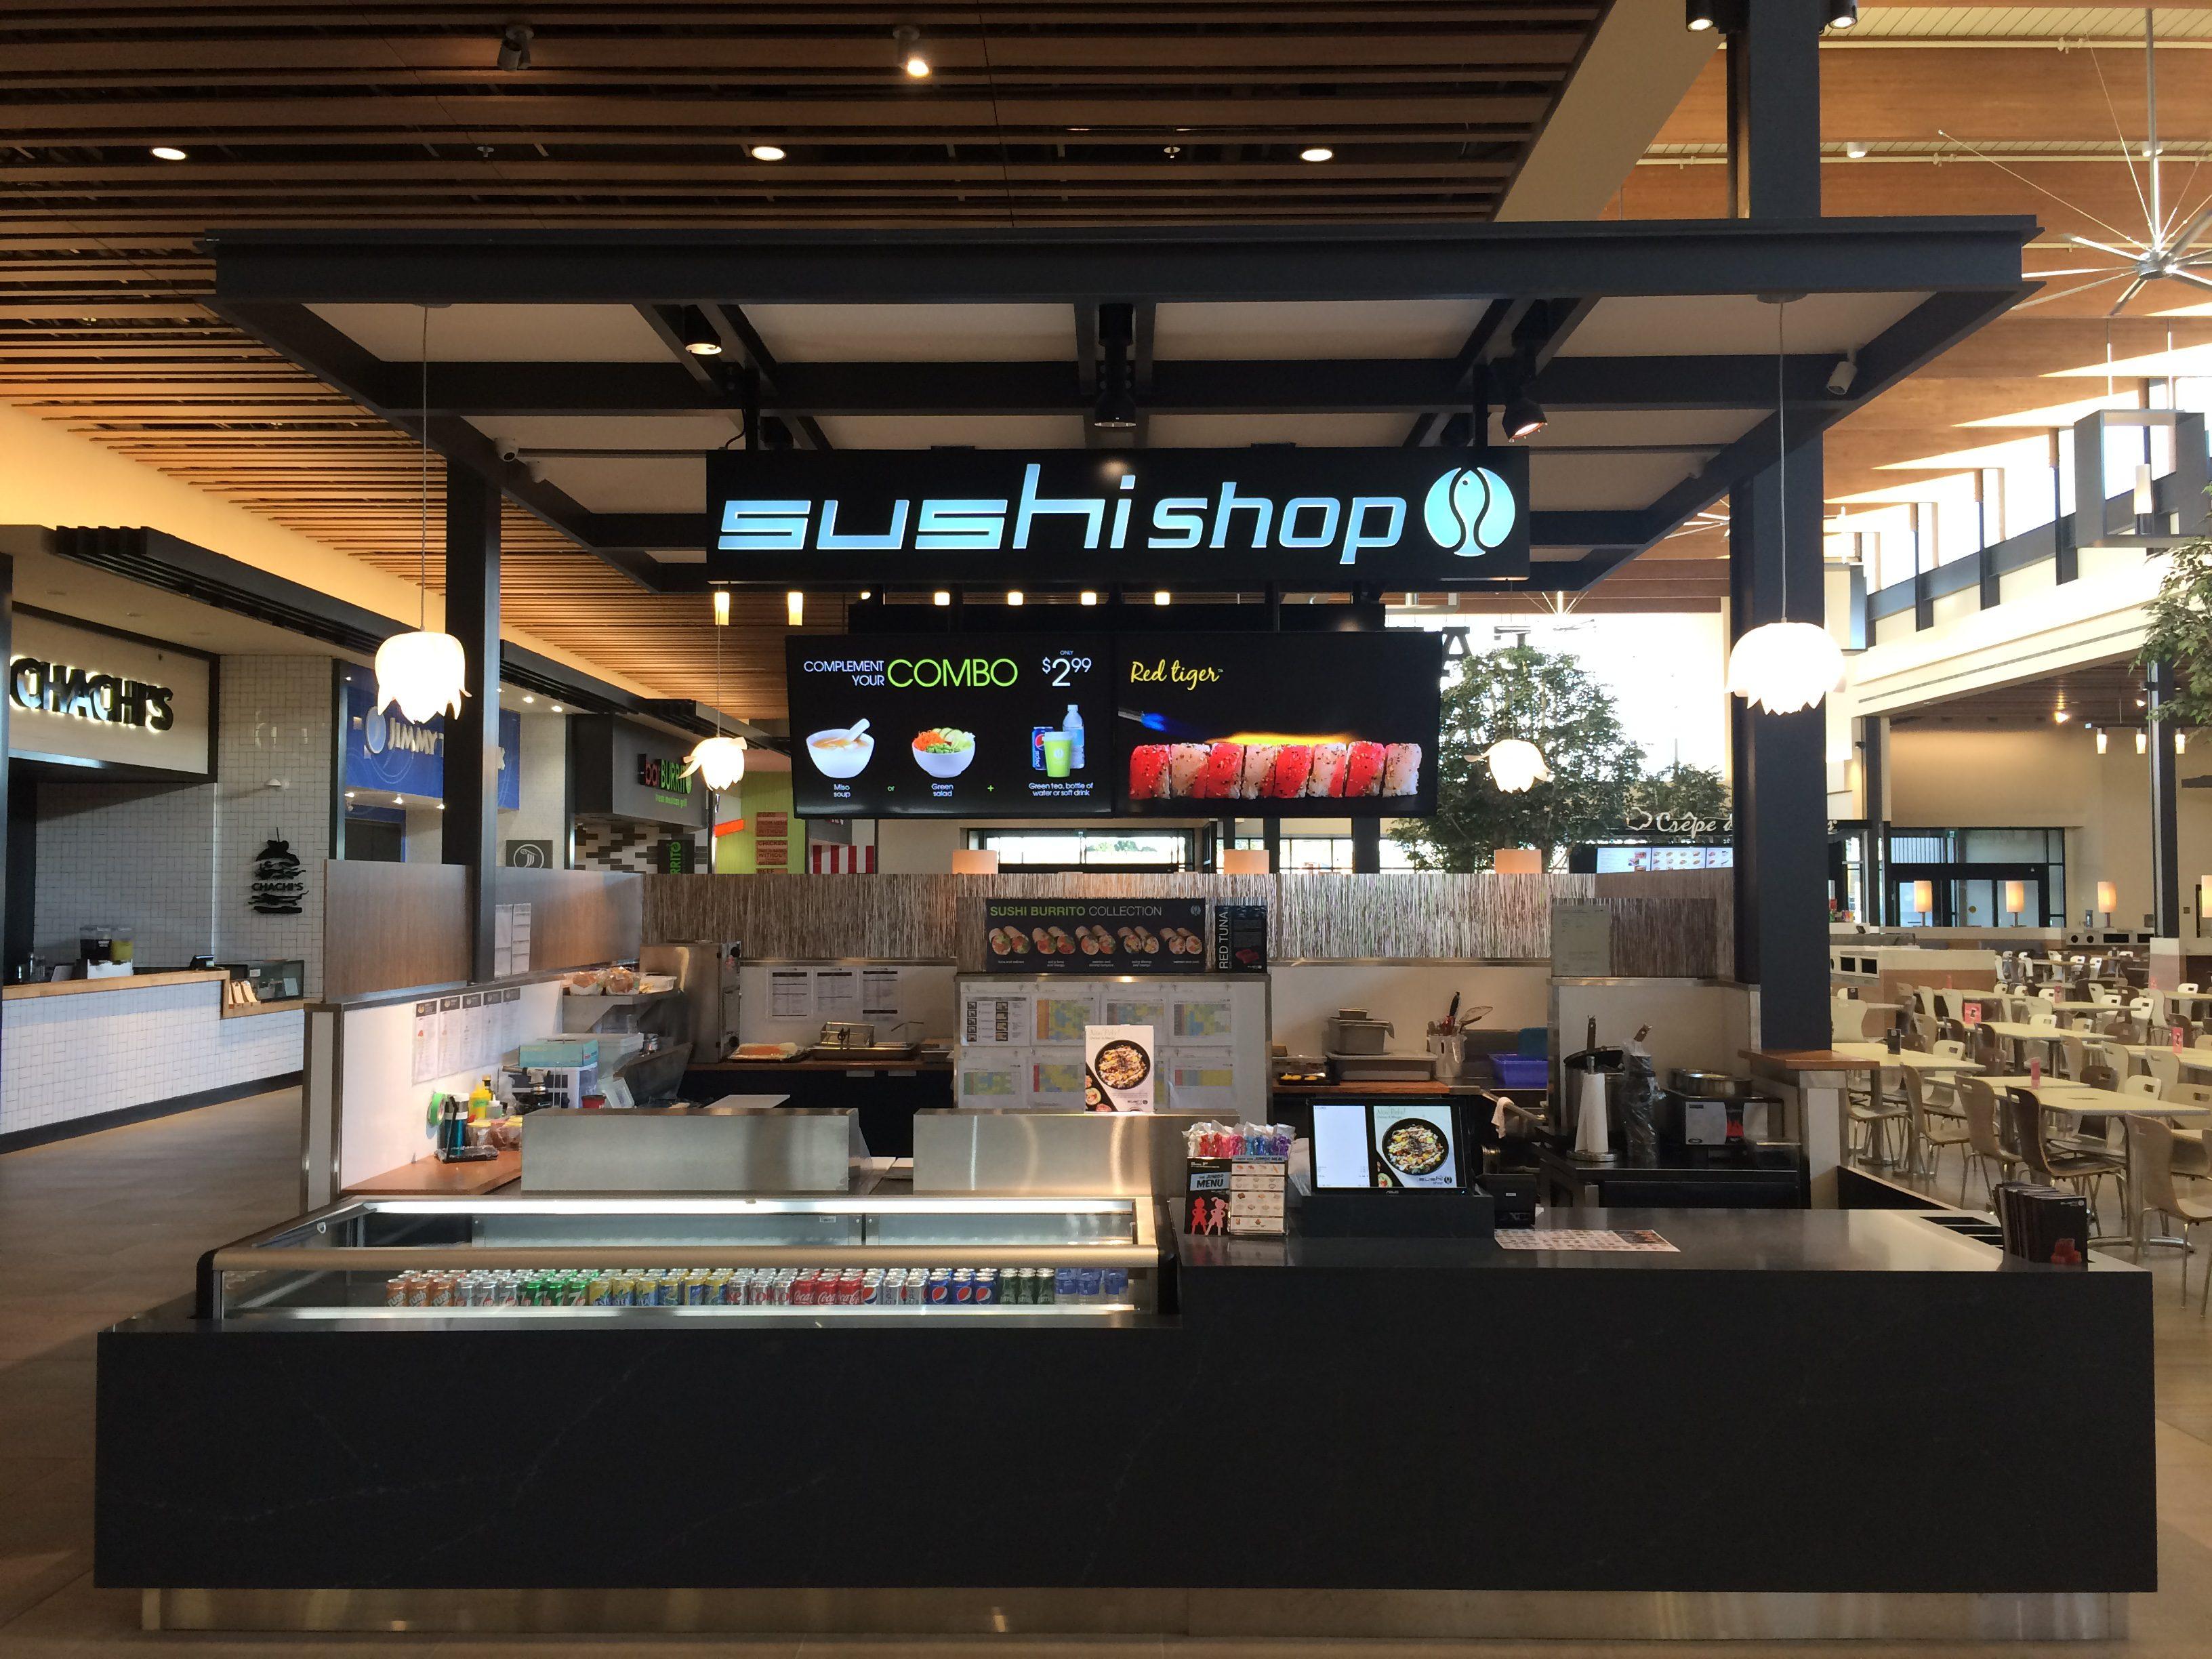 Nouvelle boutique sushi shop à winnipeg manitoba mty group